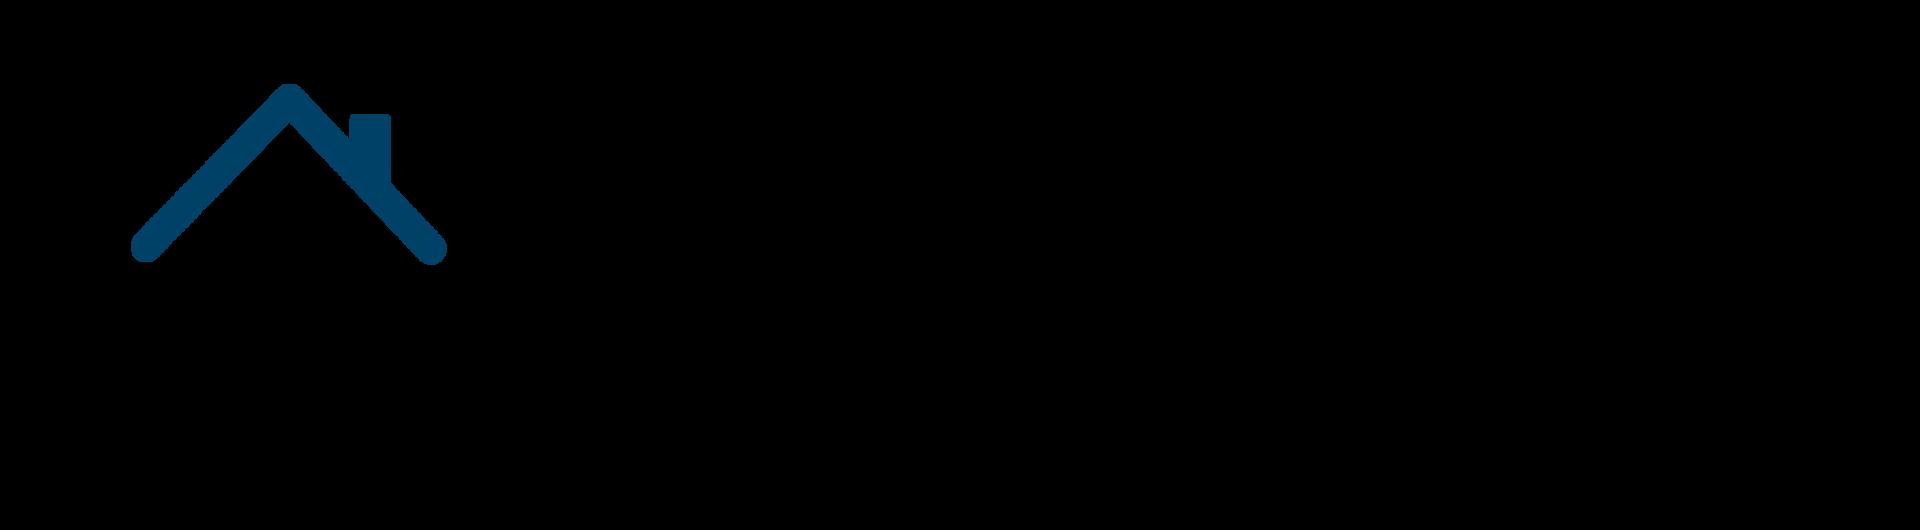 Blue Top Wholesale logo